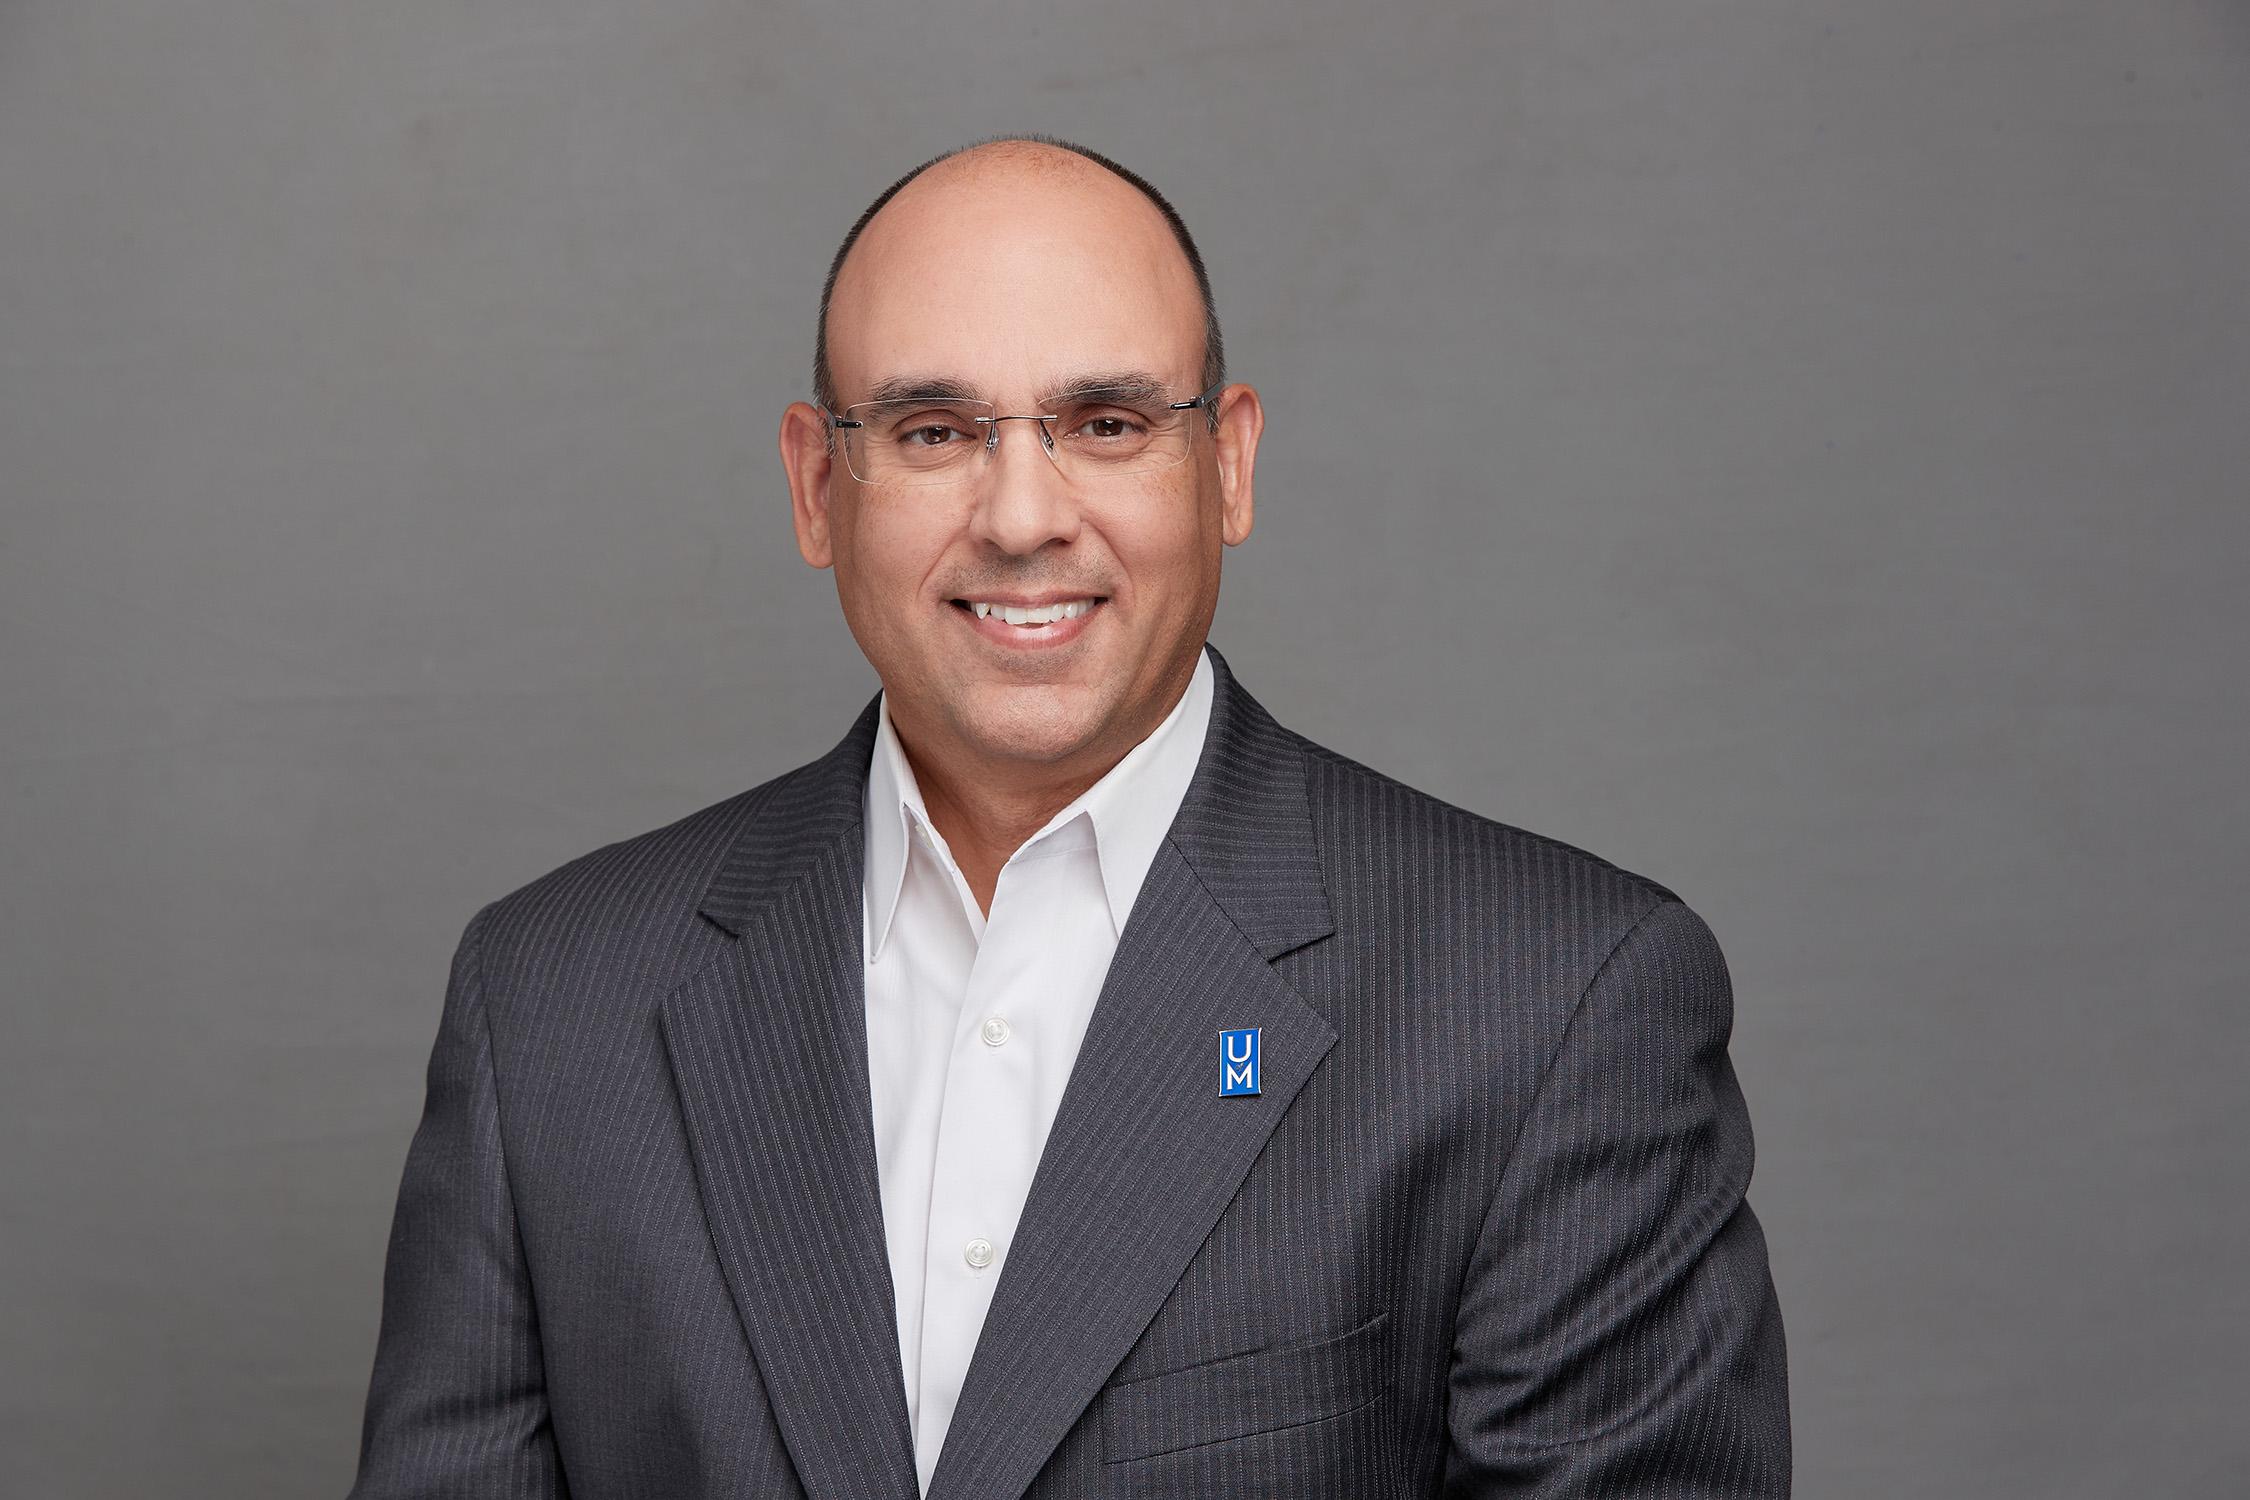 Eric Valdescaro